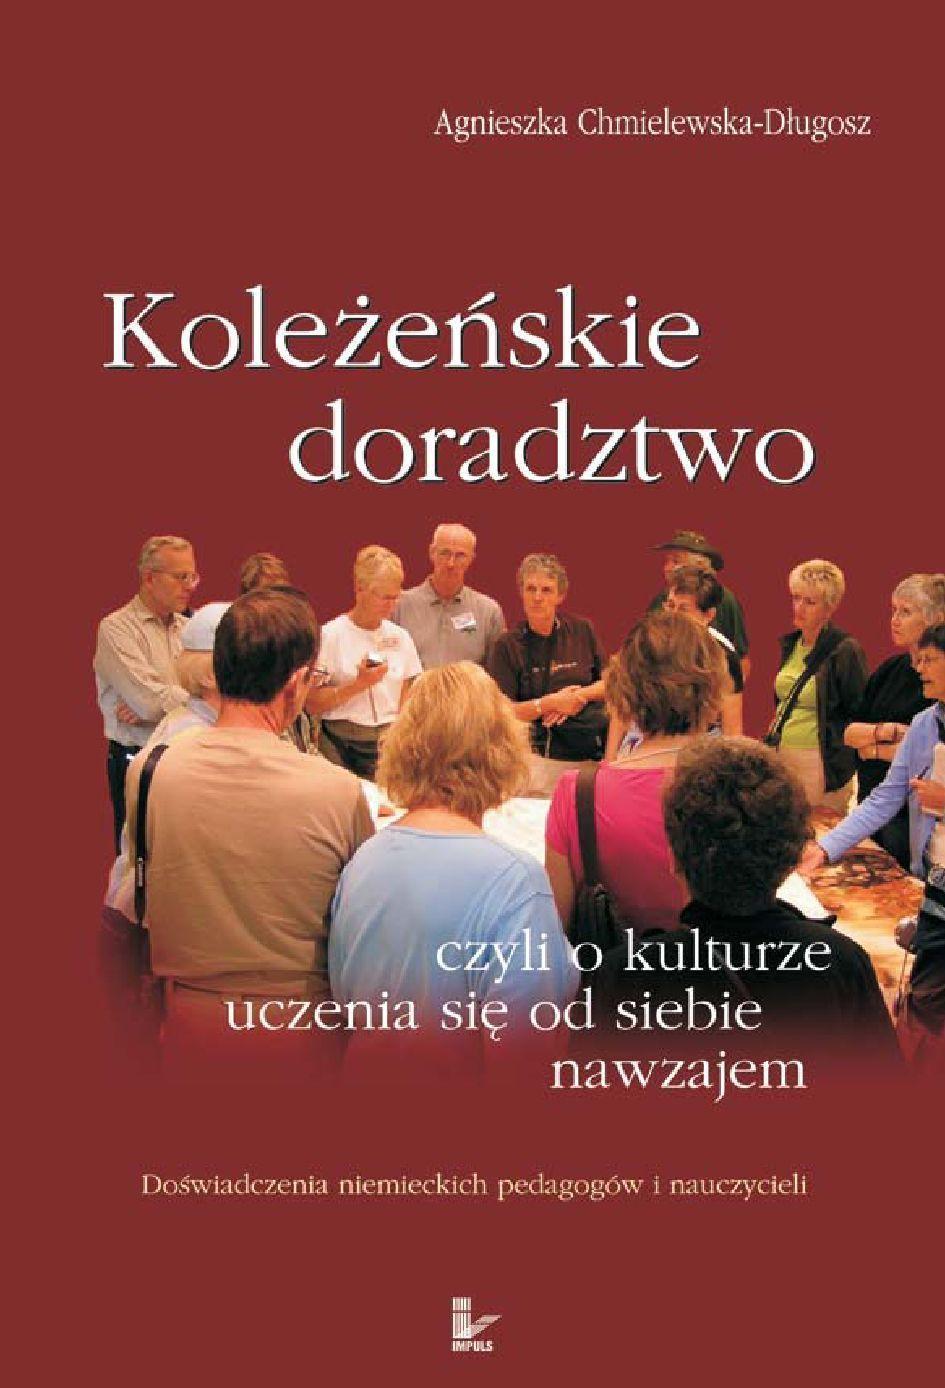 Koleżeńskie doradztwo, czyli o kulturze uczenia się od siebie nawzajem - Ebook (Książka EPUB) do pobrania w formacie EPUB